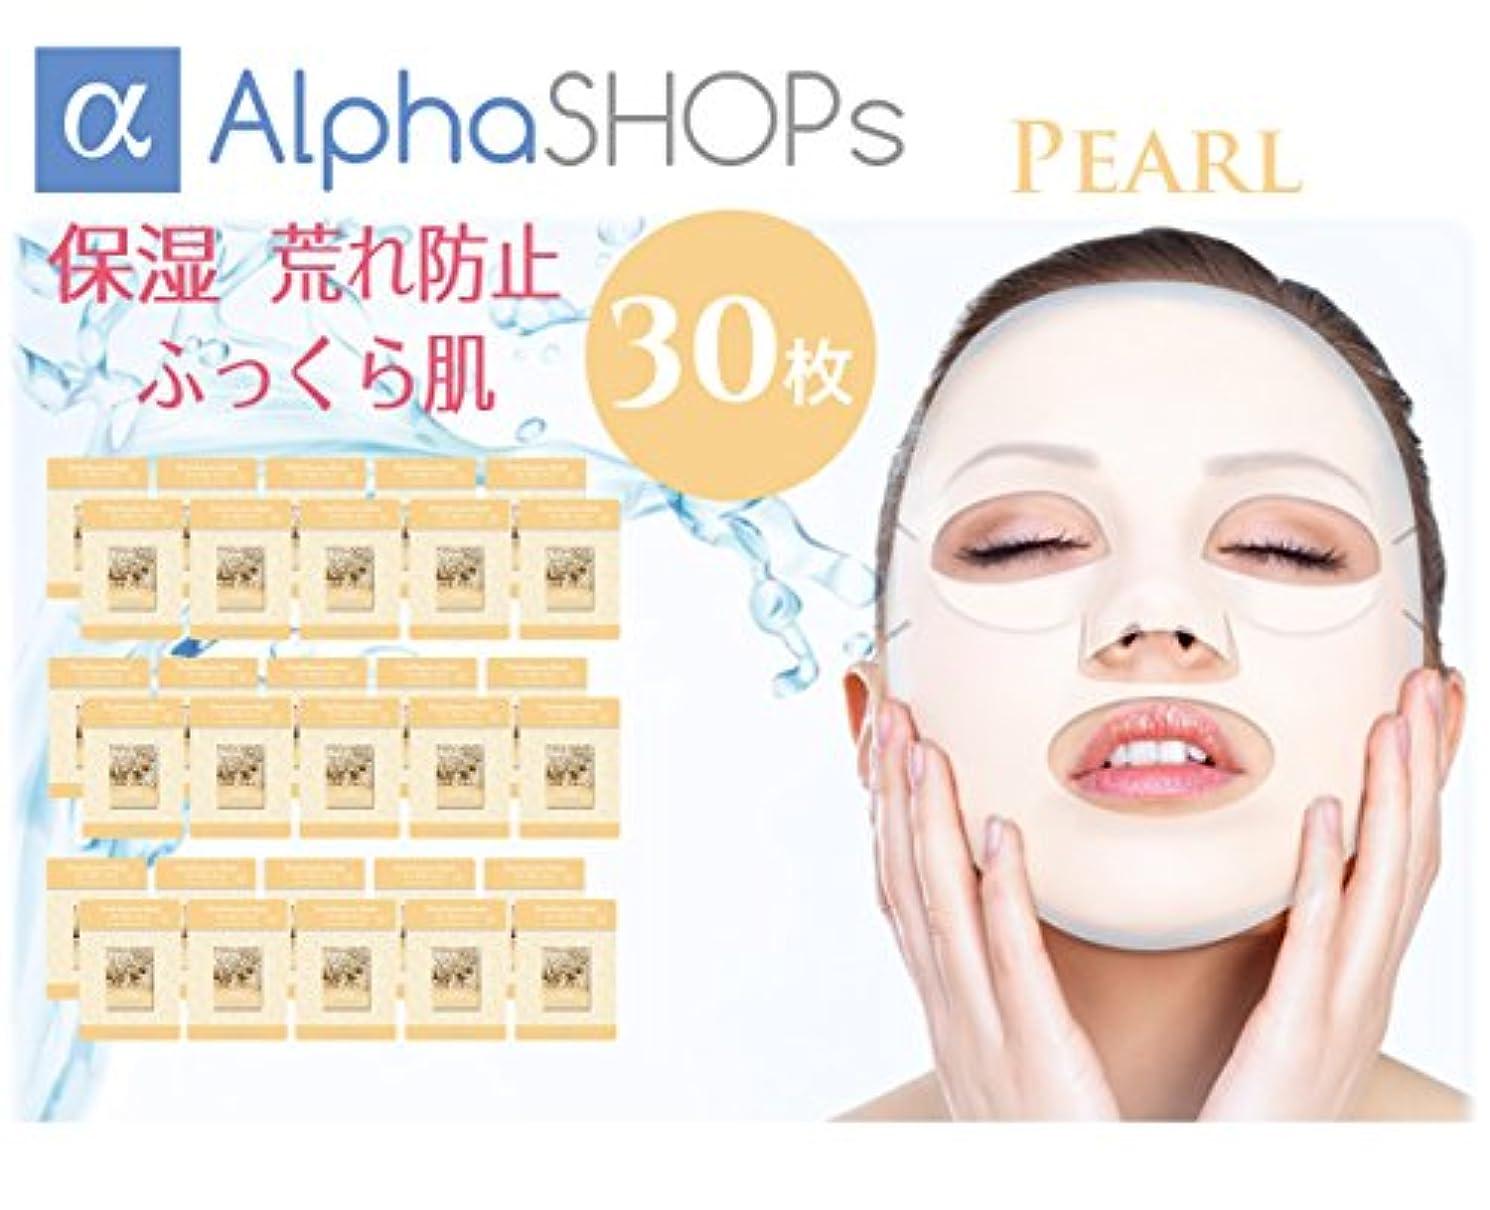 読者ベッド南アメリカフェイスパック フェイスマスクパック パール 真珠粉 ランキング 上位 韓国コスメ 追跡番号付きで当日発送 30枚セット